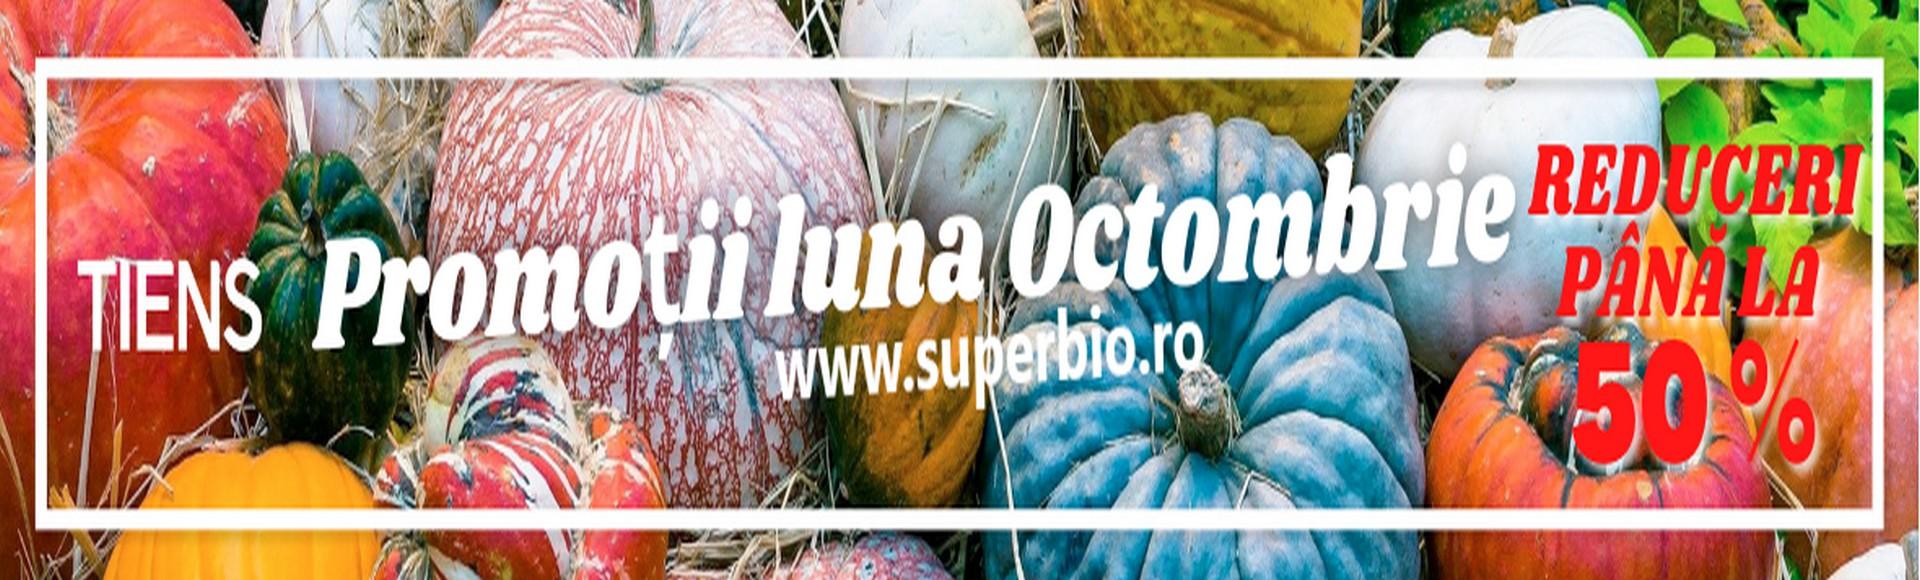 Promotii luna octombrie